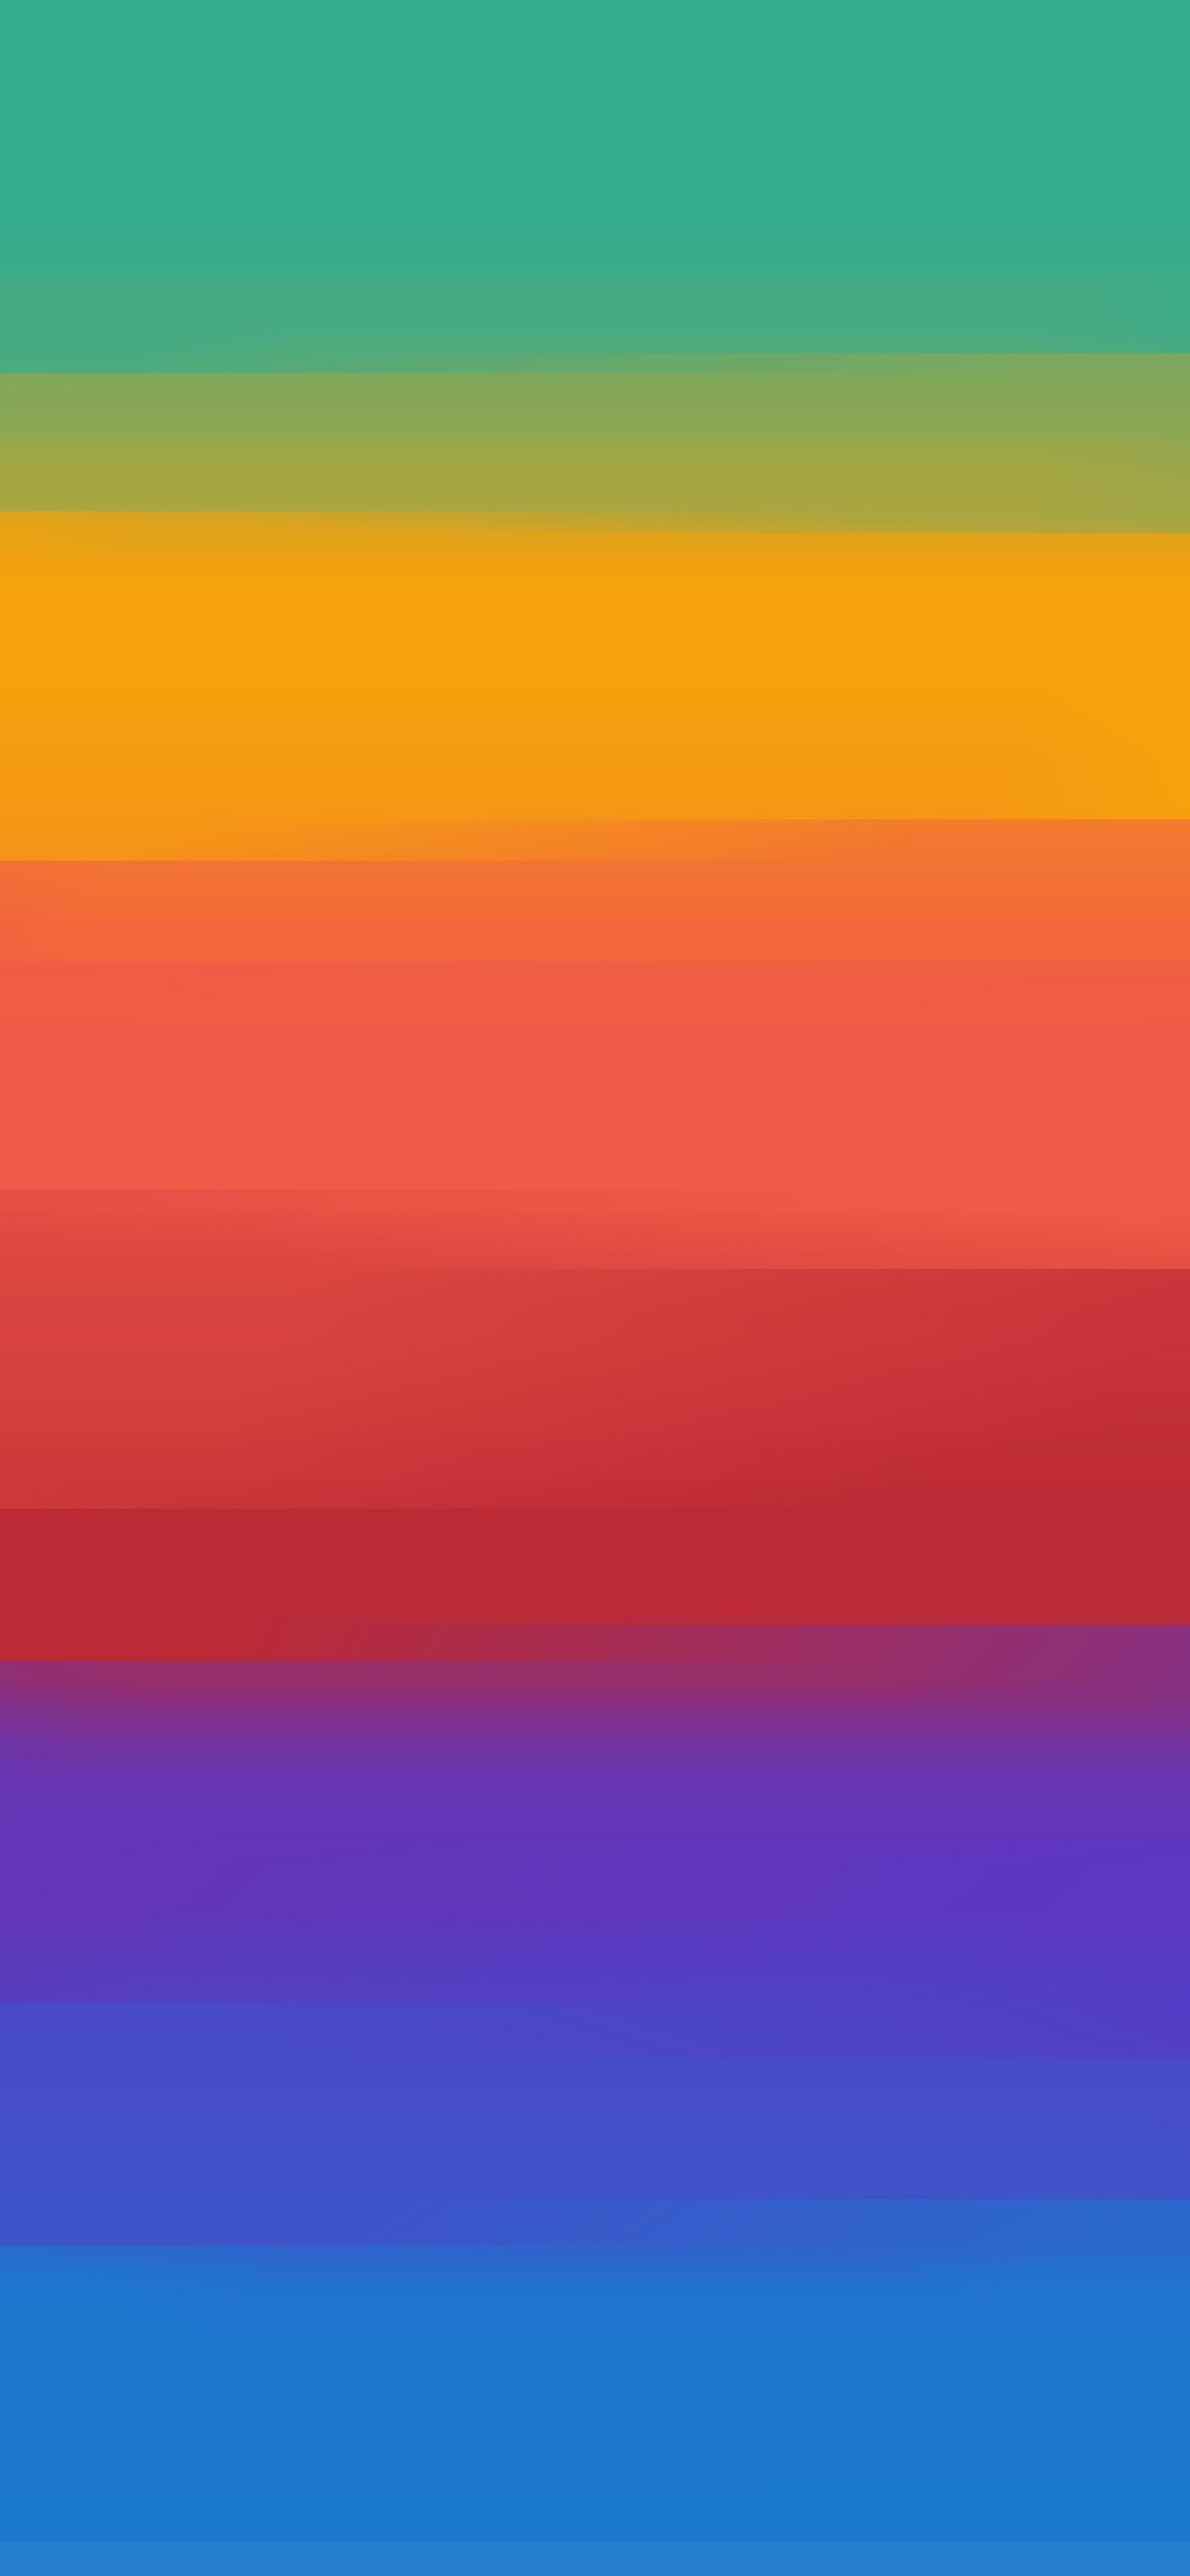 Gradient iPhone Wallpaper 6